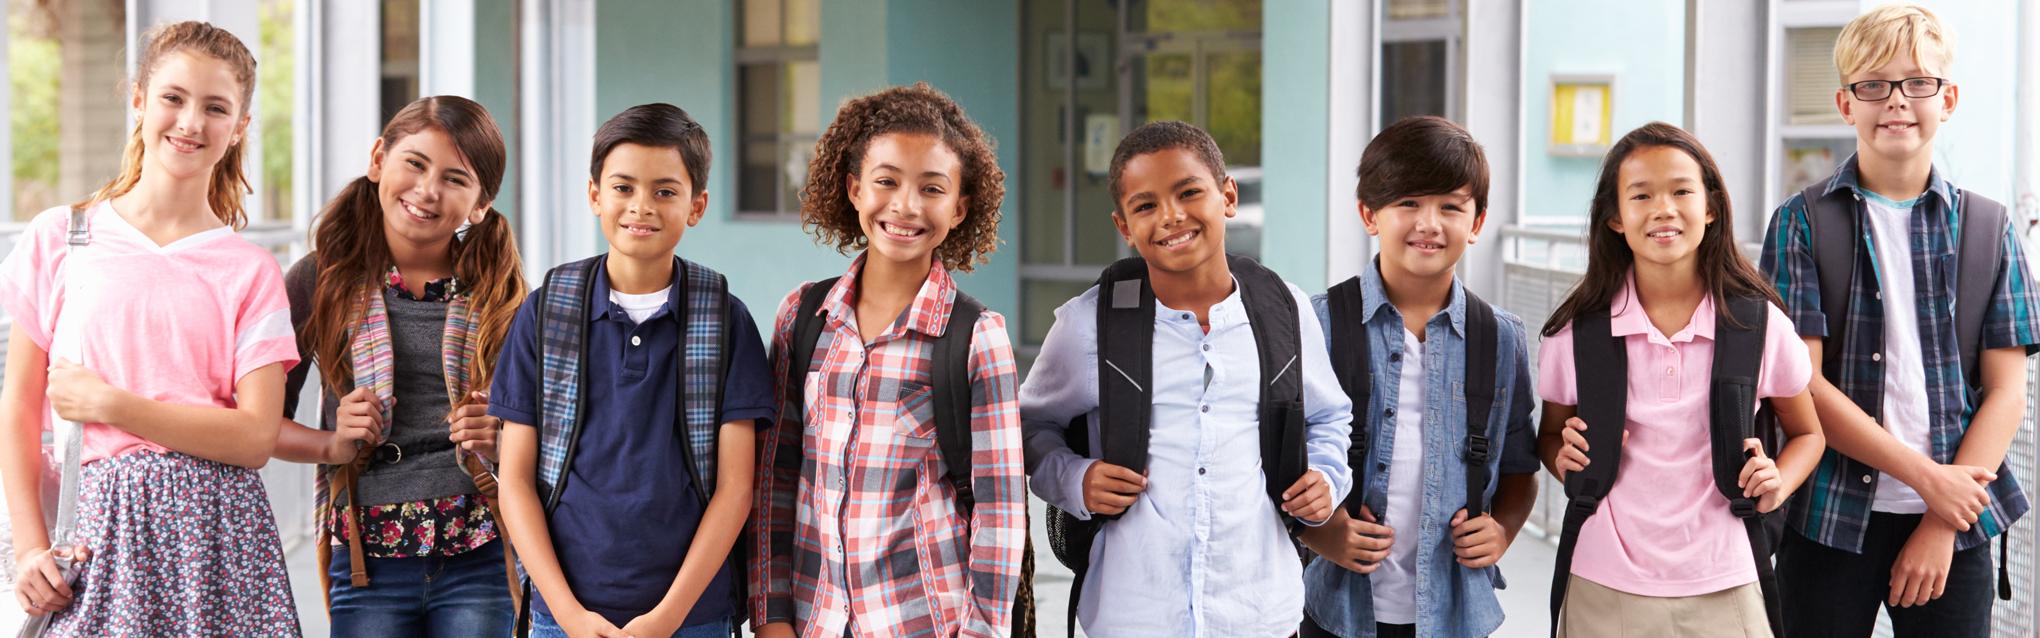 american board special education